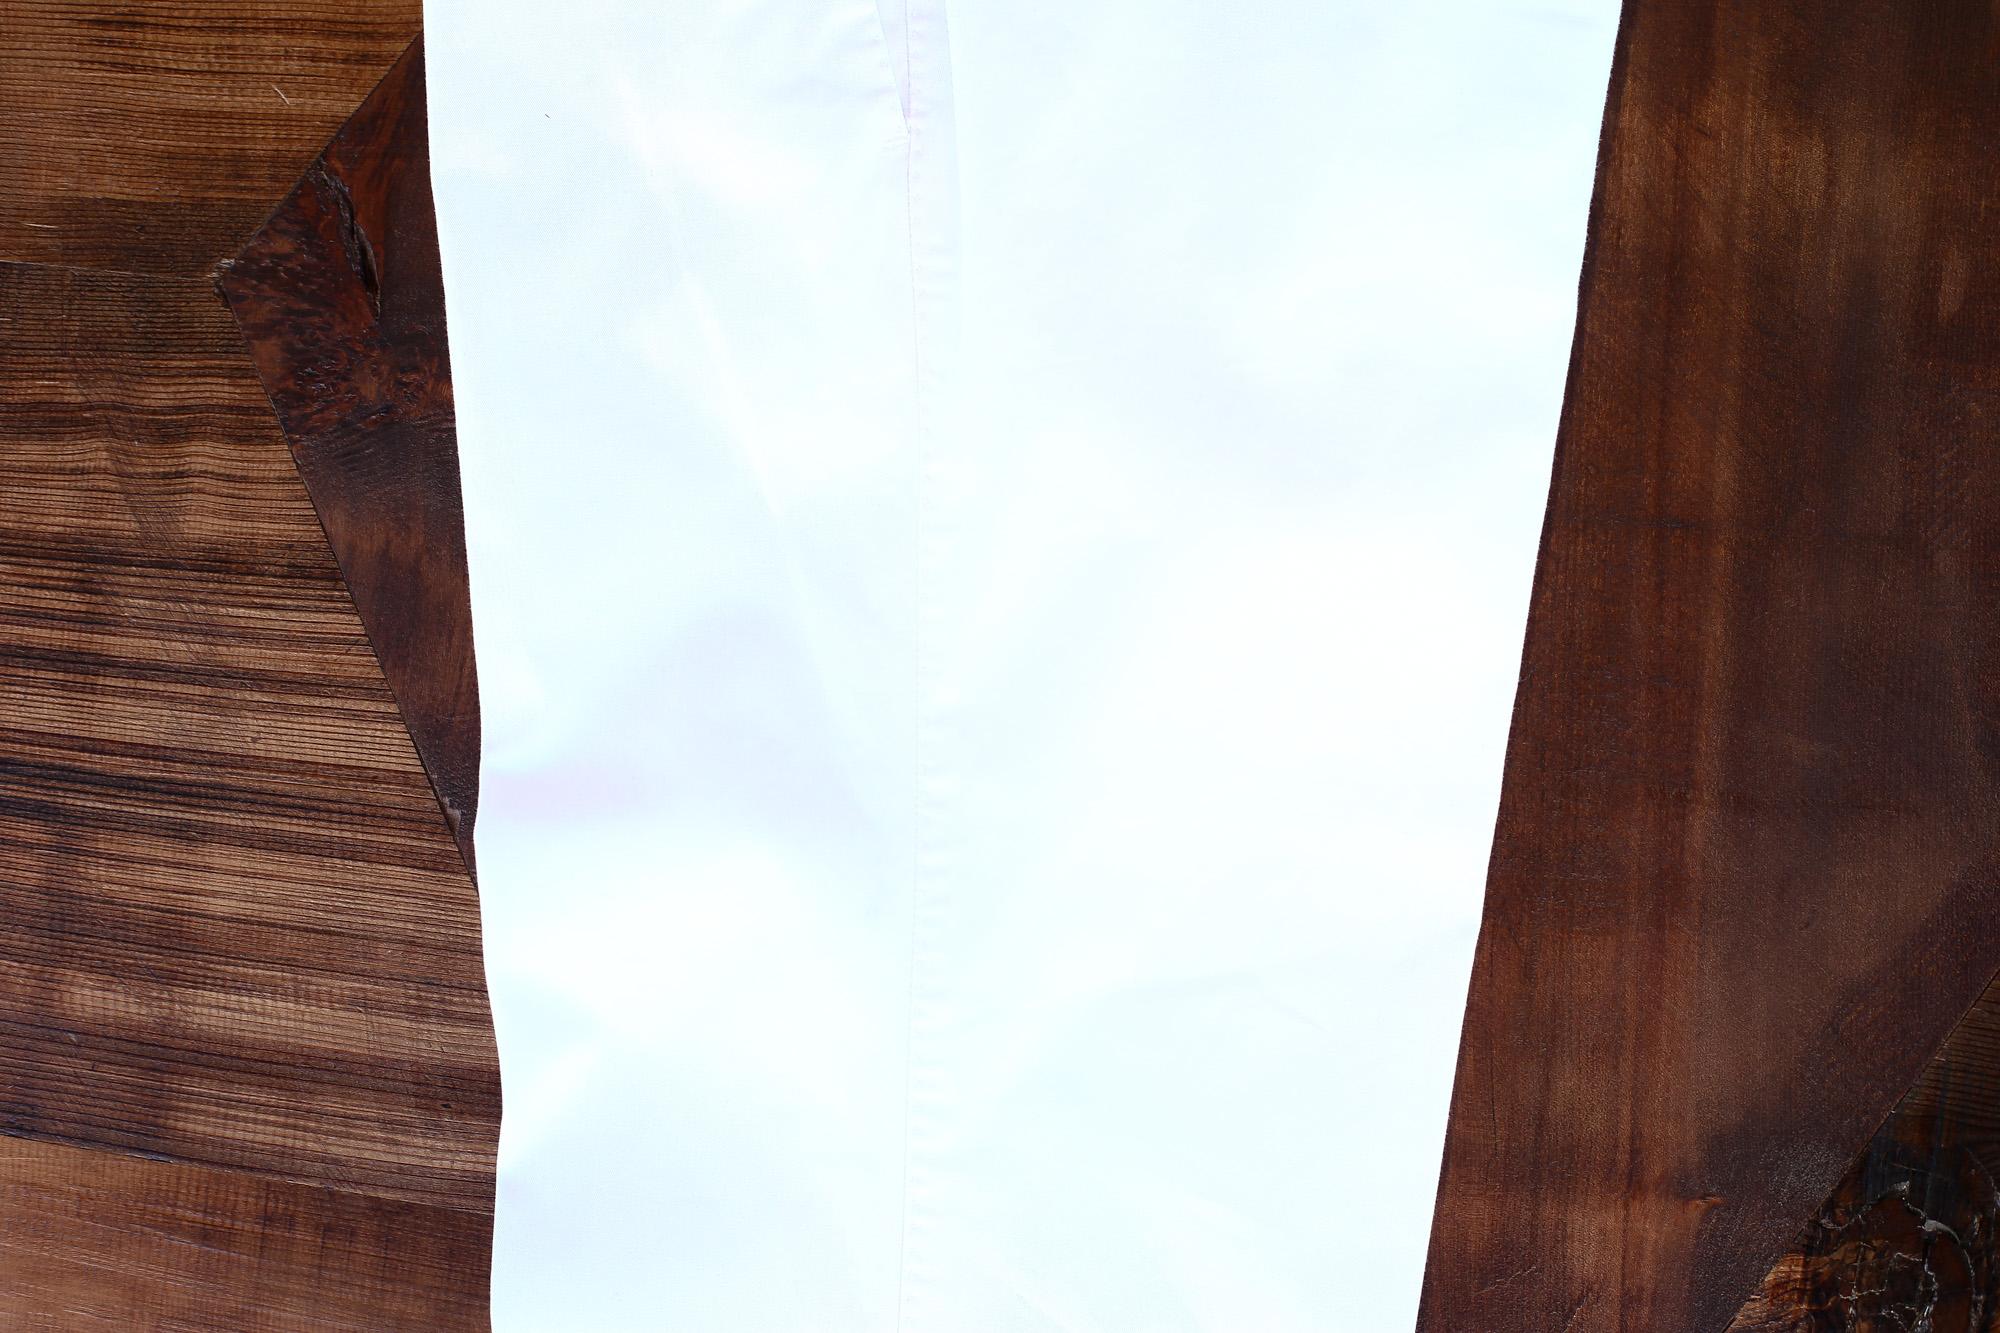 PT01 (ピーティーゼロウーノ) BUSINESS (ビジネス) SUPER SLIM FIT (スーパースリムフィット) Lux Cloth ストレッチ コットン スラックス パンツ WHITE (ホワイト・0010) 2018 春夏新作 pt01 チノ チノパン チノスラックス 愛知 名古屋 Alto e Diritto アルト エ デリット